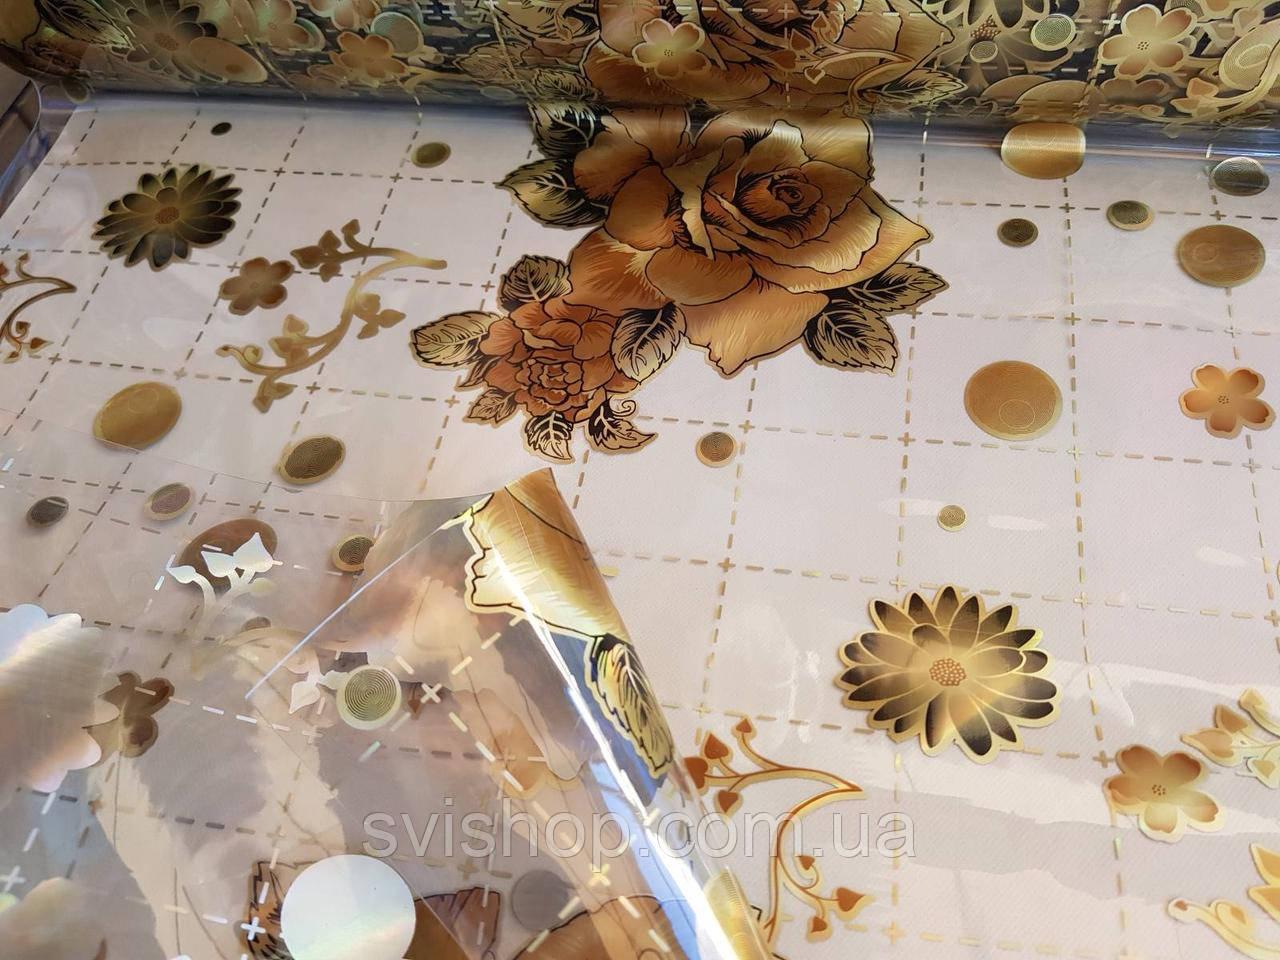 Клеенка прозрачное мягкое стекло с лазерным рисунком 60 см.